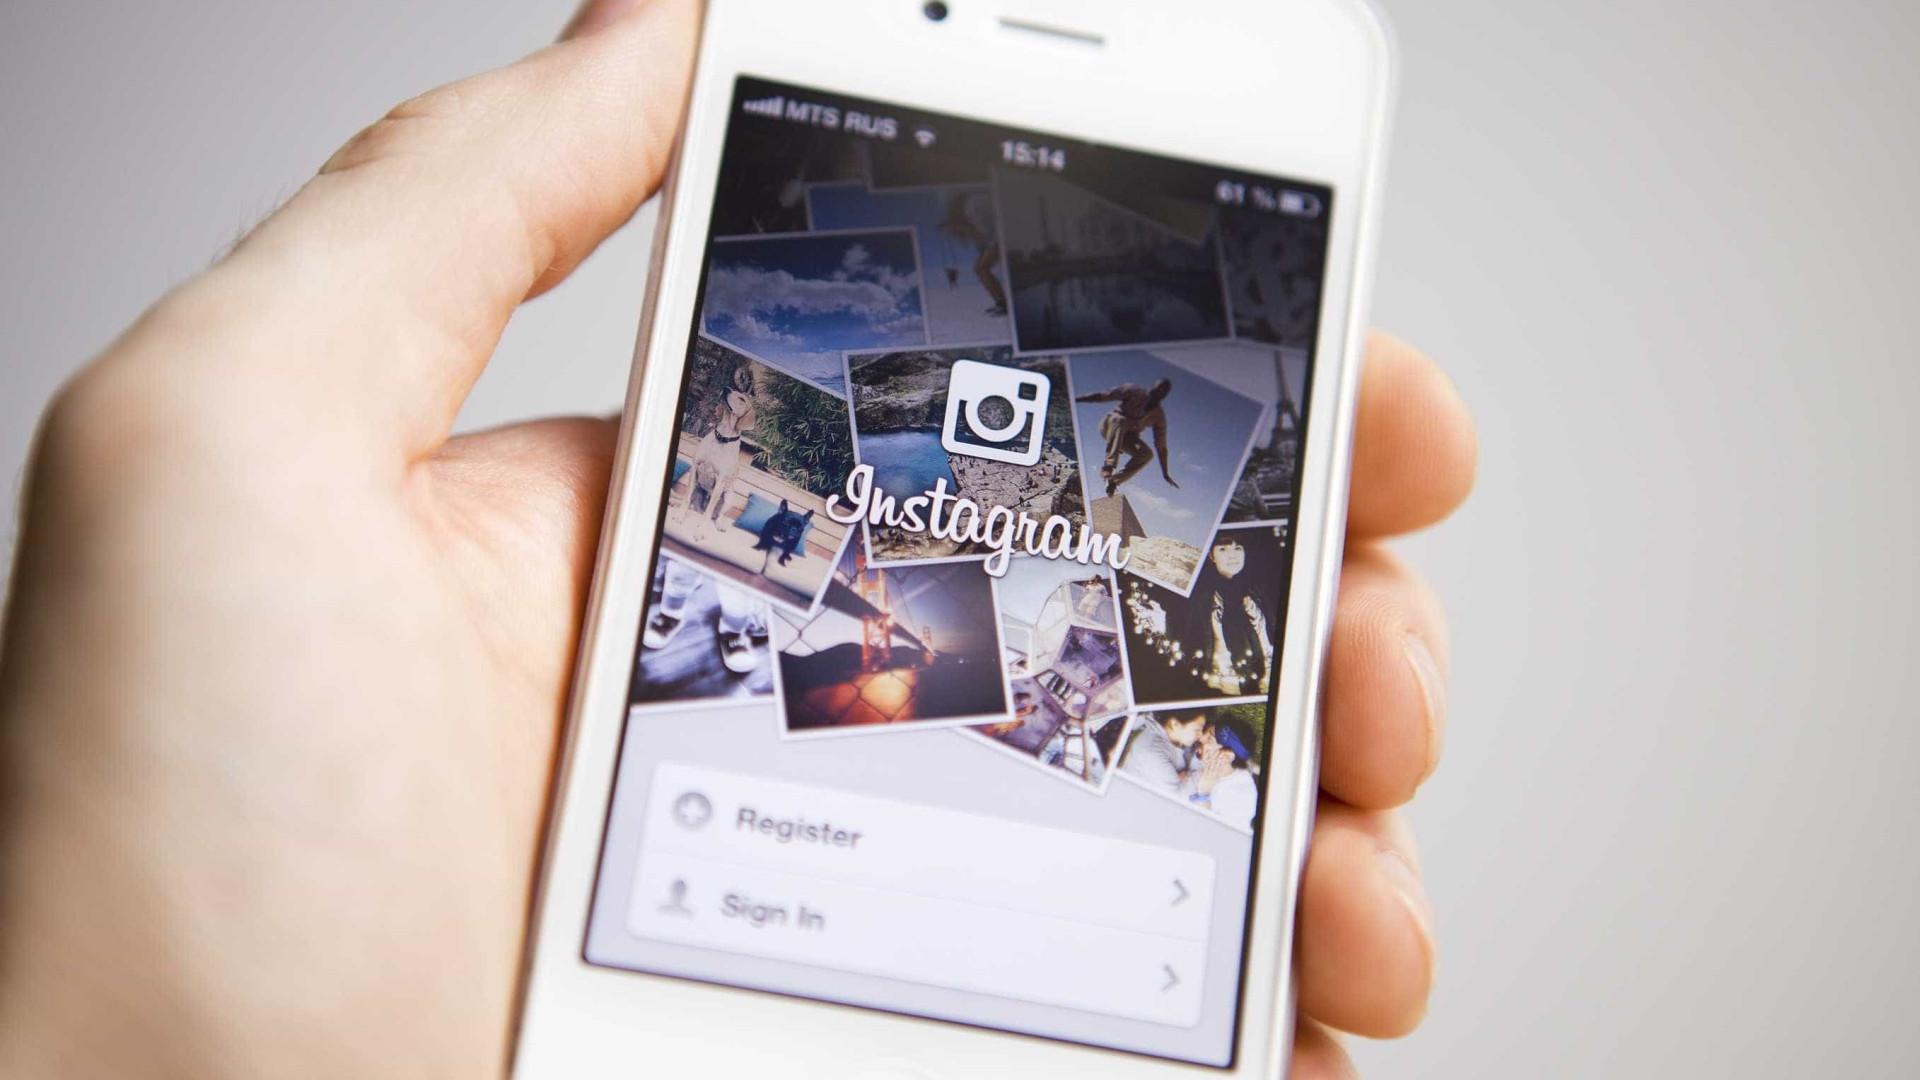 Instagram nega ouvir conversas e vigiar mensagens